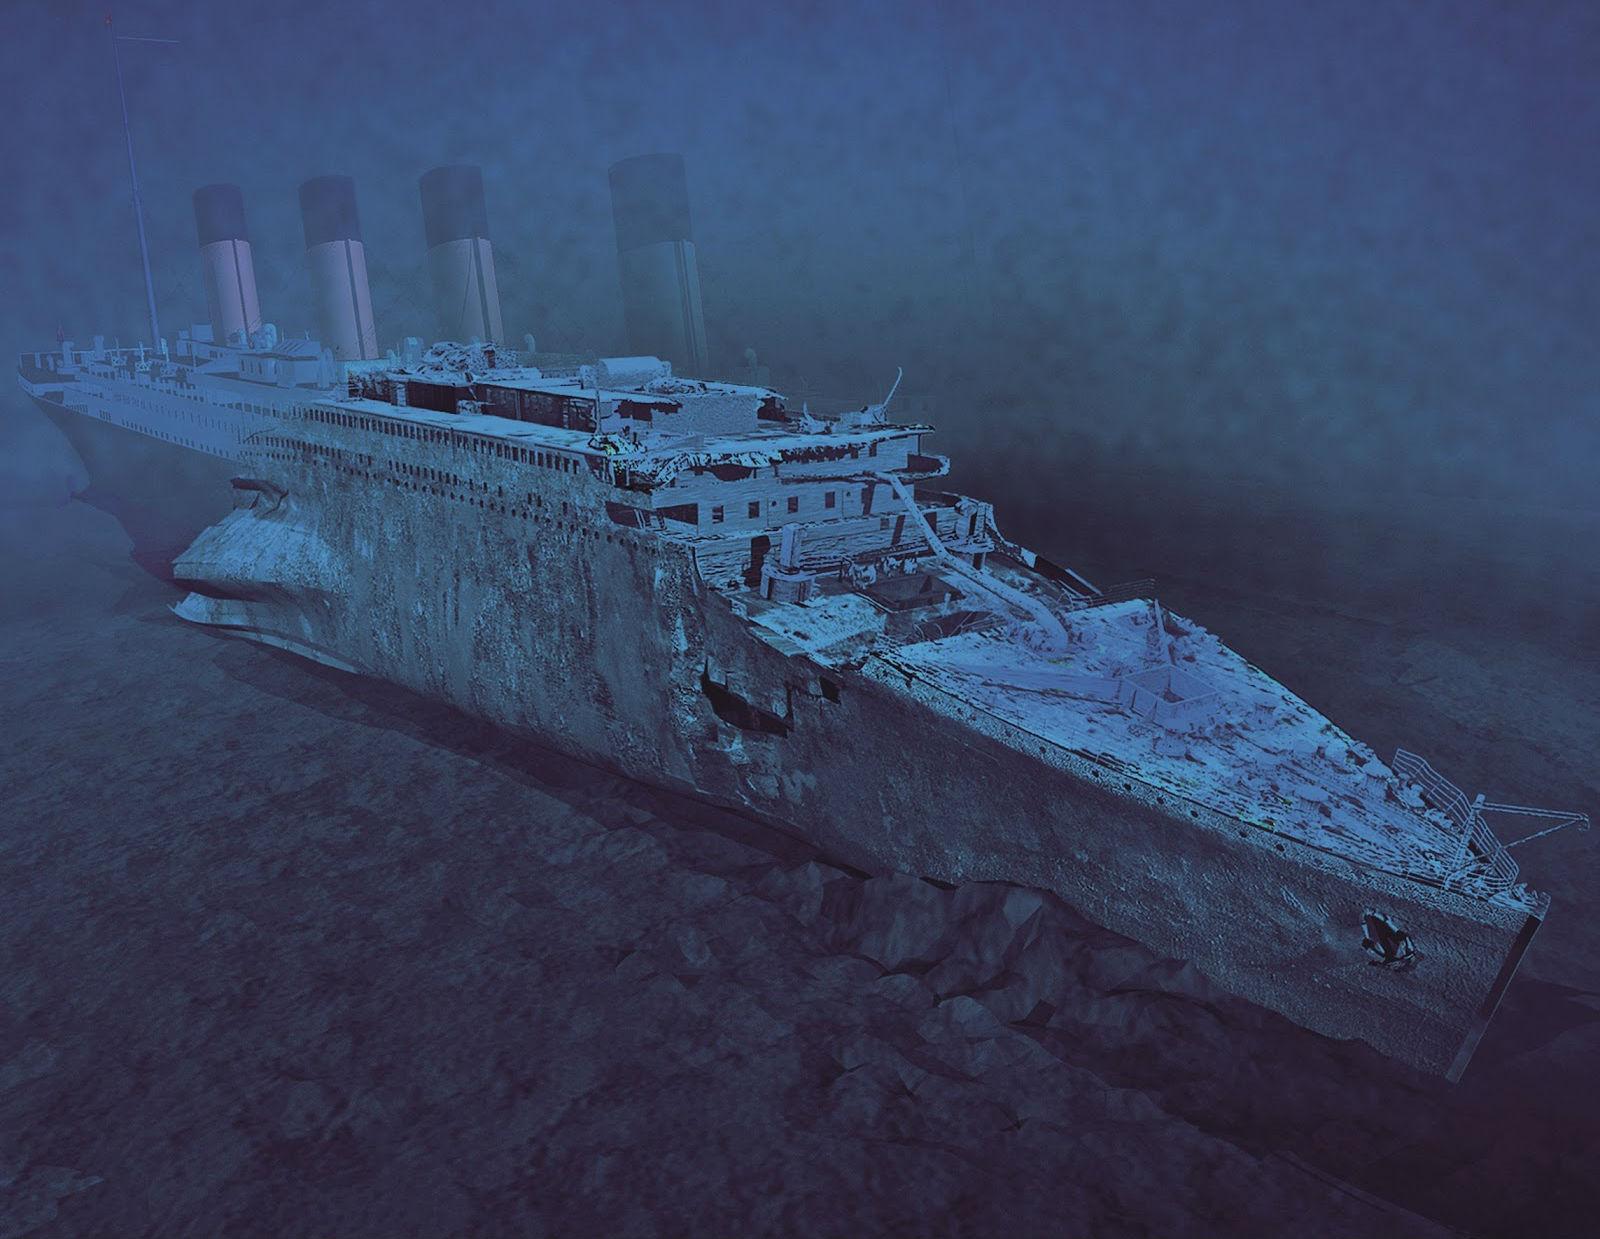 titanic ship underwater - photo #2